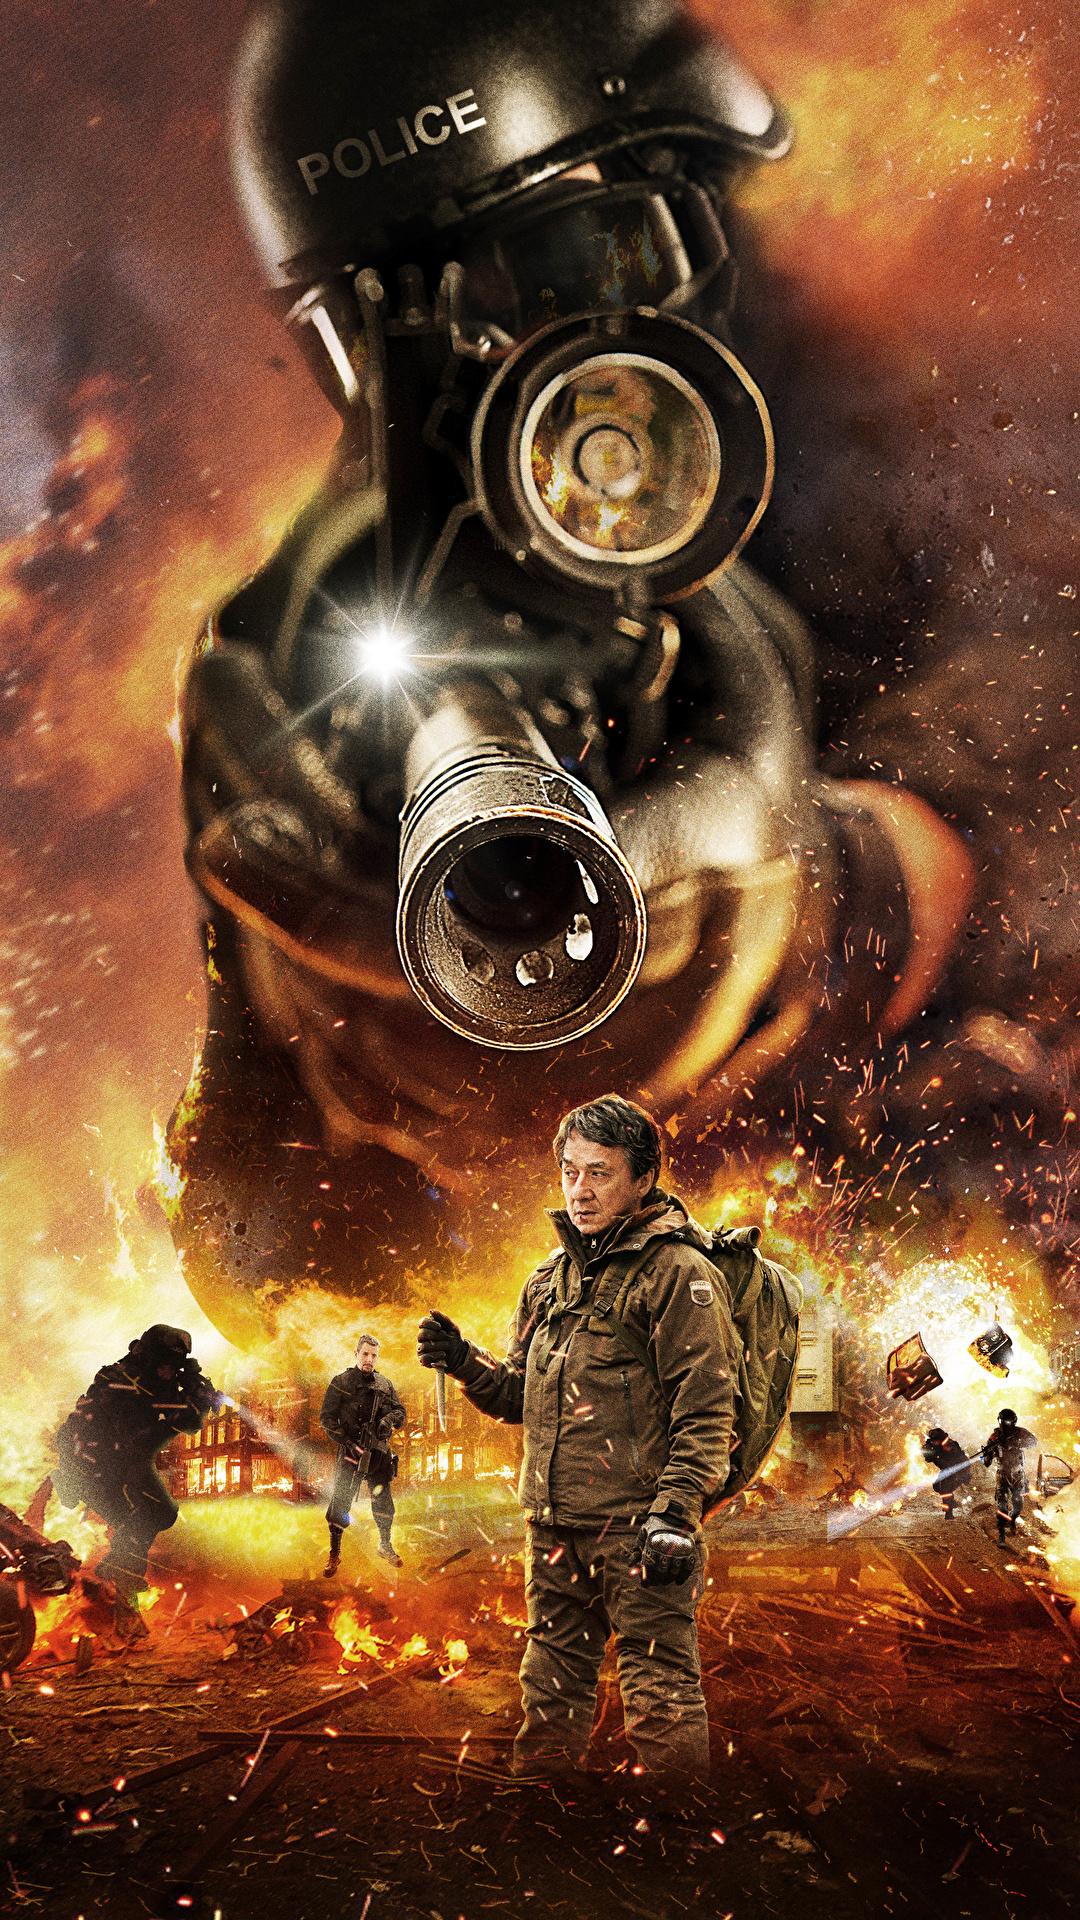 壁紙 1080x19 ジャッキー チェン The Foreigner 17 警察 銃砲身 映画 ダウンロード 写真